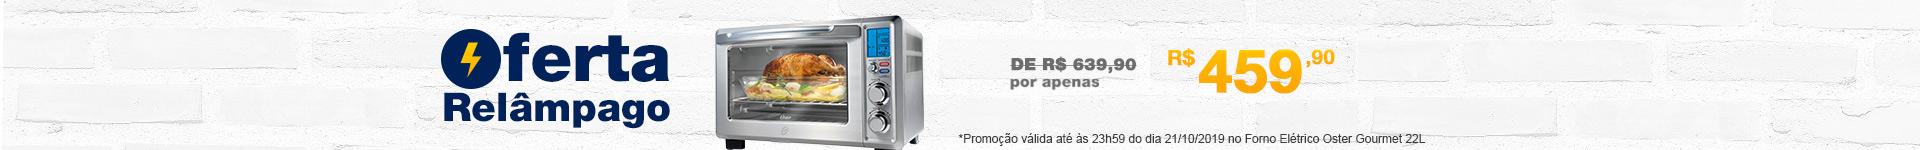 OFERTA DO DIA 1